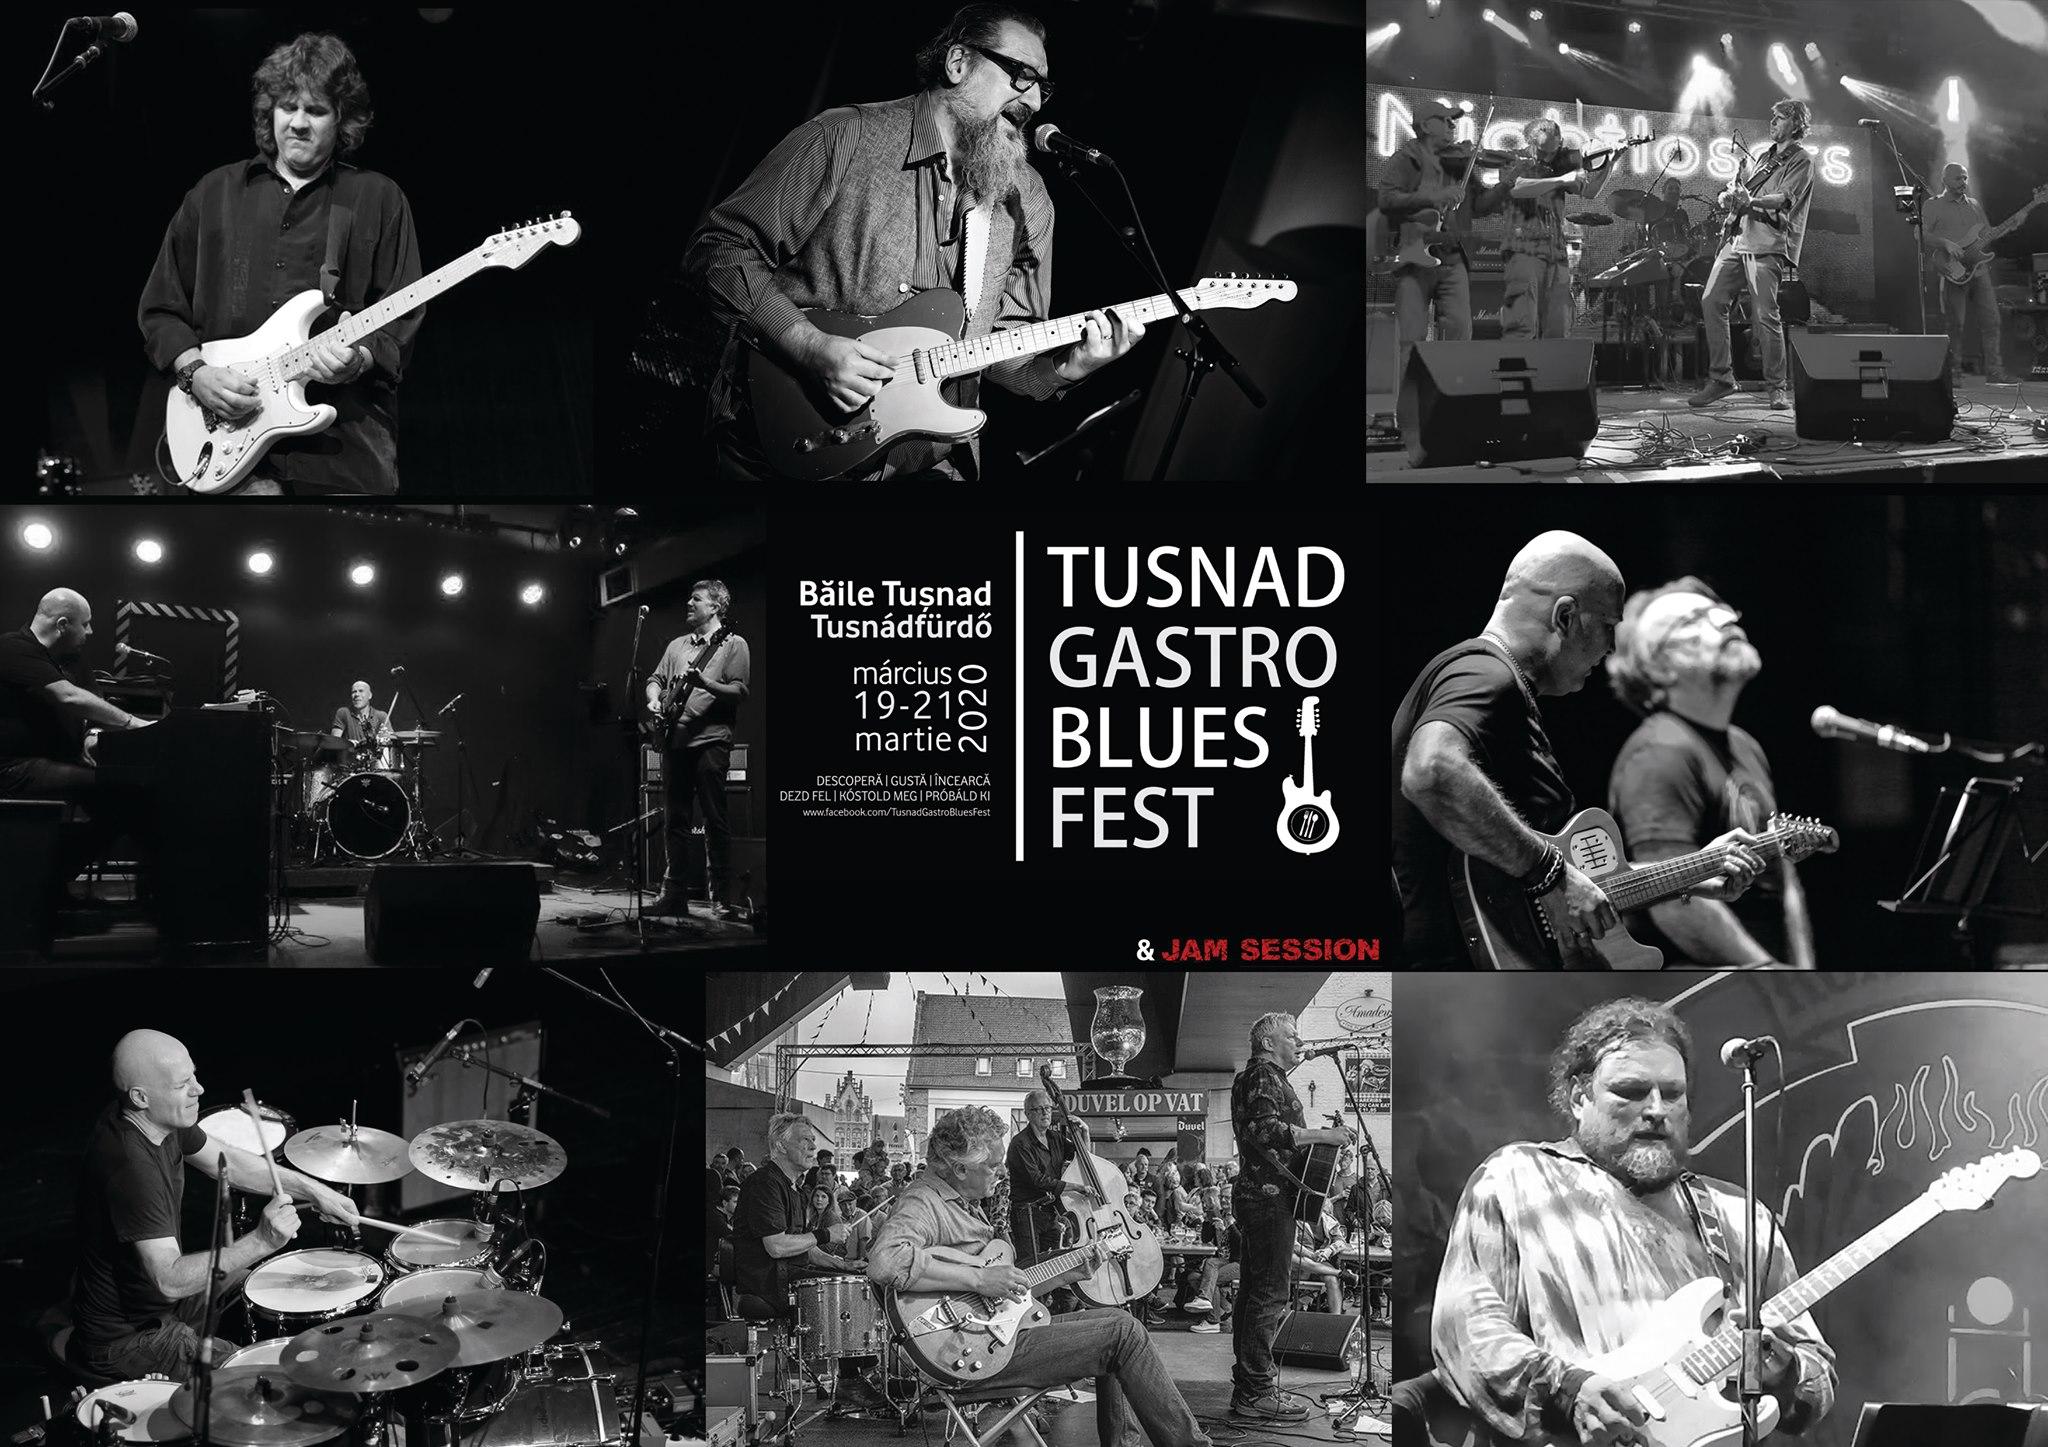 Tușnad Gastro Blues Fest 2020. Mâncăruri alese și concerte cu AG Weinberger, Nightlosers